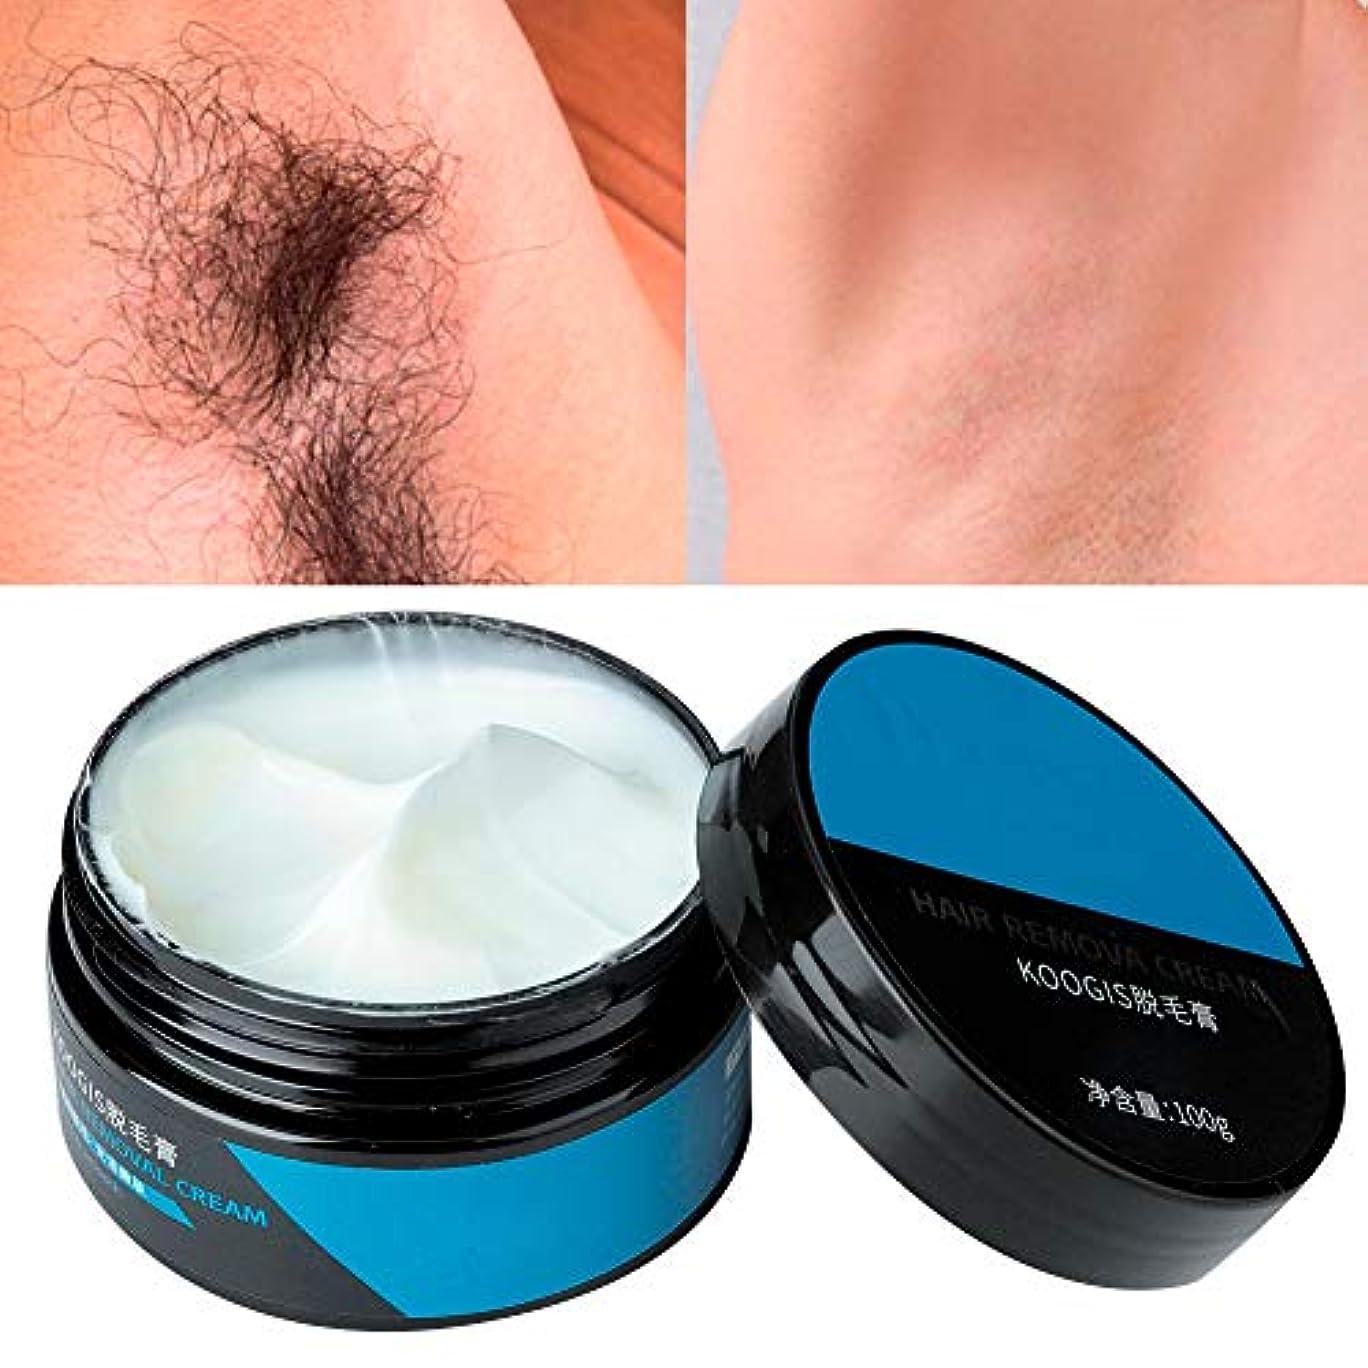 微弱開梱再現する脱毛クリーム、ユニセックス痛みのない完璧な高速脱毛クリームボディ脇の下足ビキニエリア肌